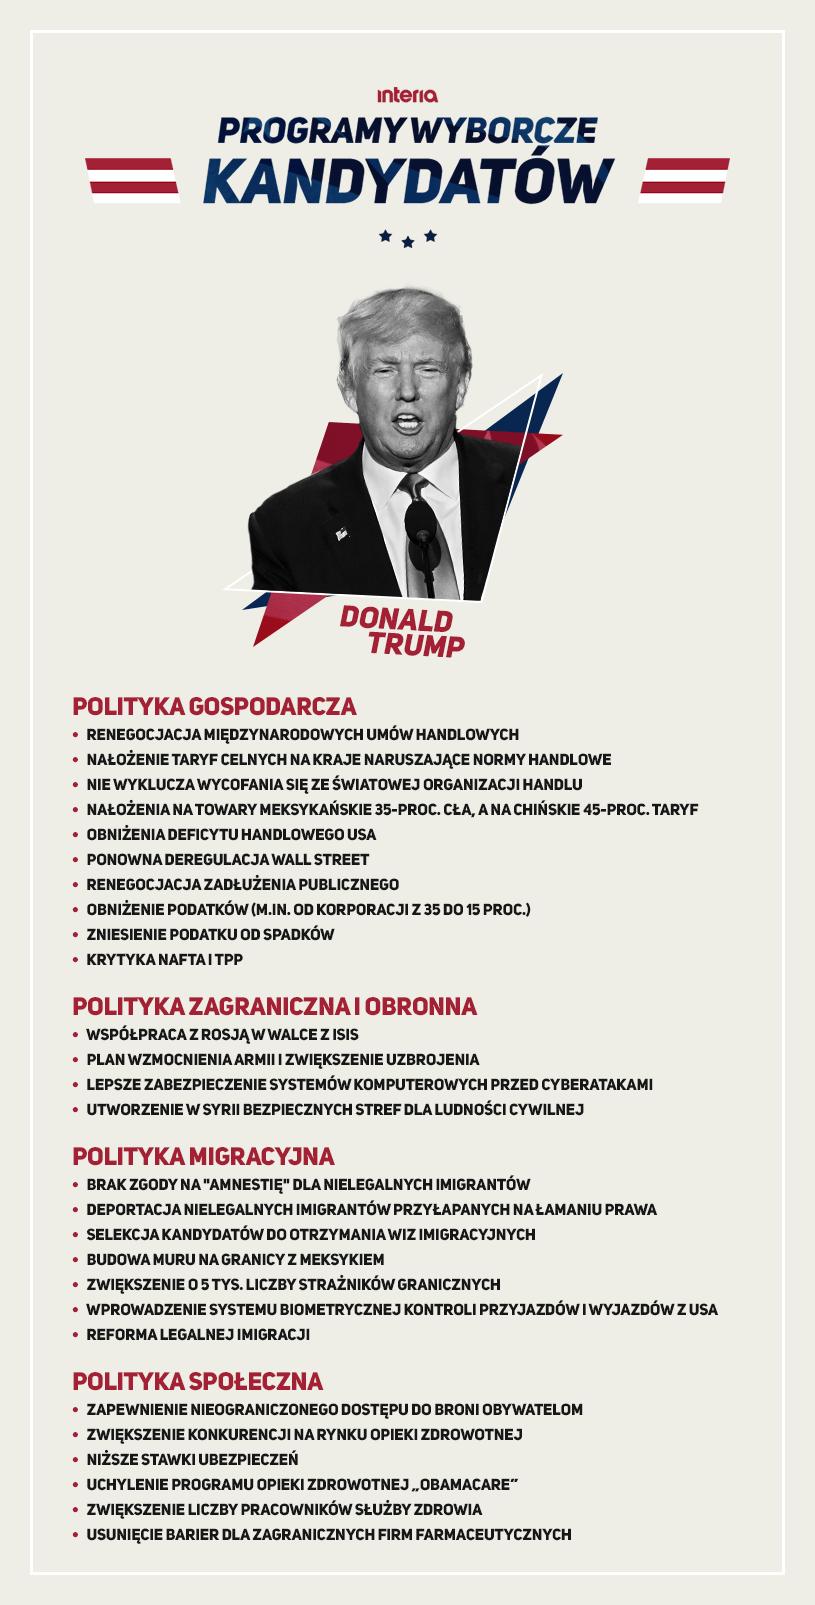 Program wyborczy Donalda Trumpa /INTERIA.PL